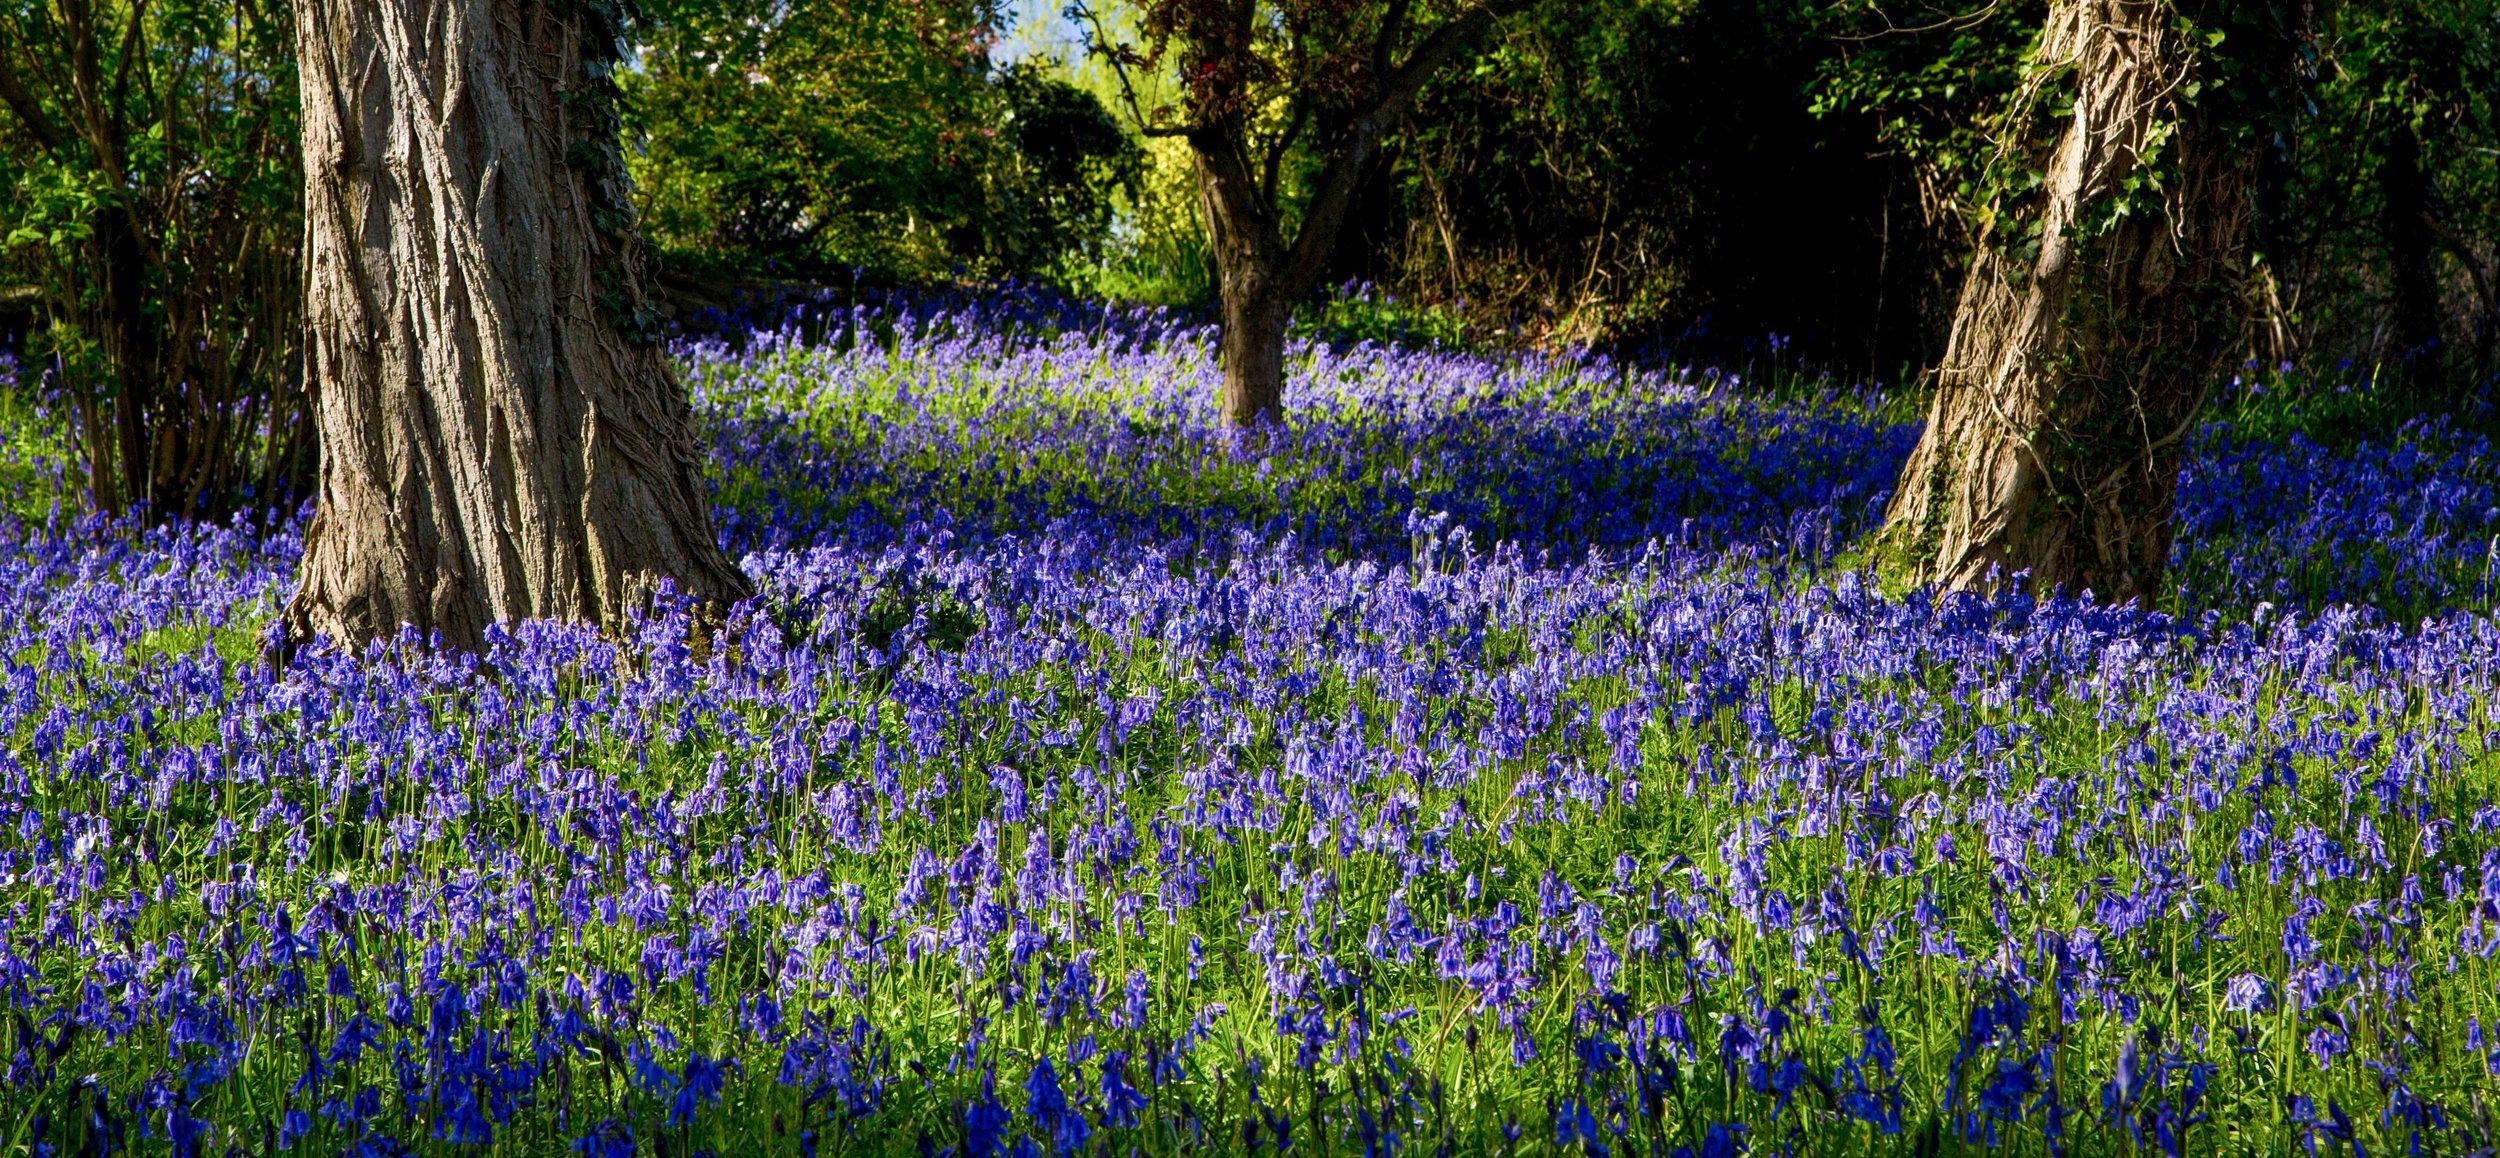 Blanket of bluebells on Brantwood hillside overlooking the Lake District.Image: Chris Denning, Verve Garden Design